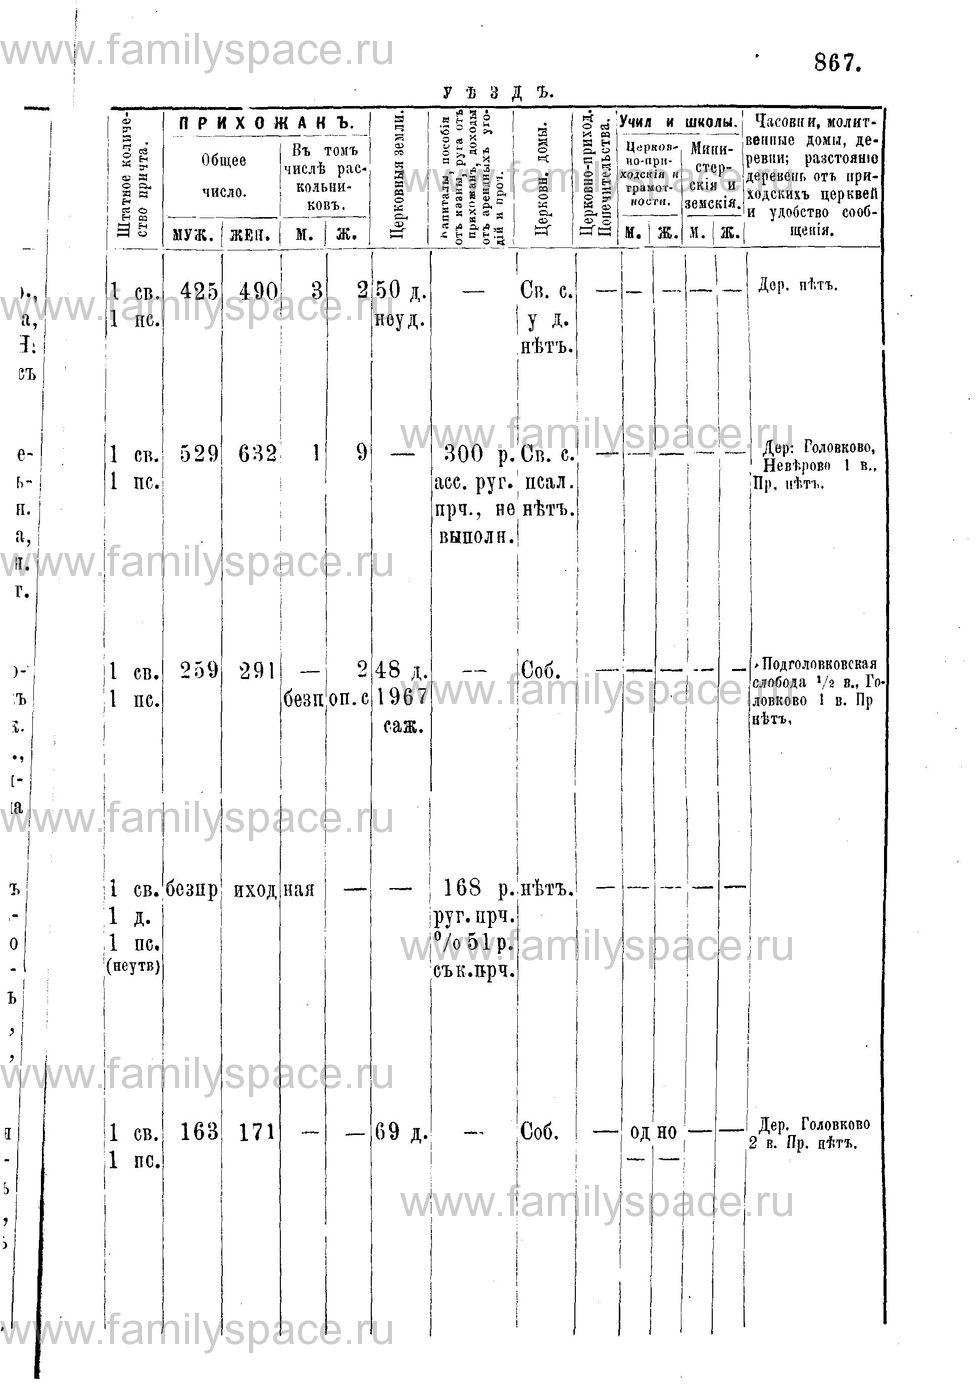 Поиск по фамилии - Адрес-календарь Нижегородской епархии на 1888 год, страница 1867